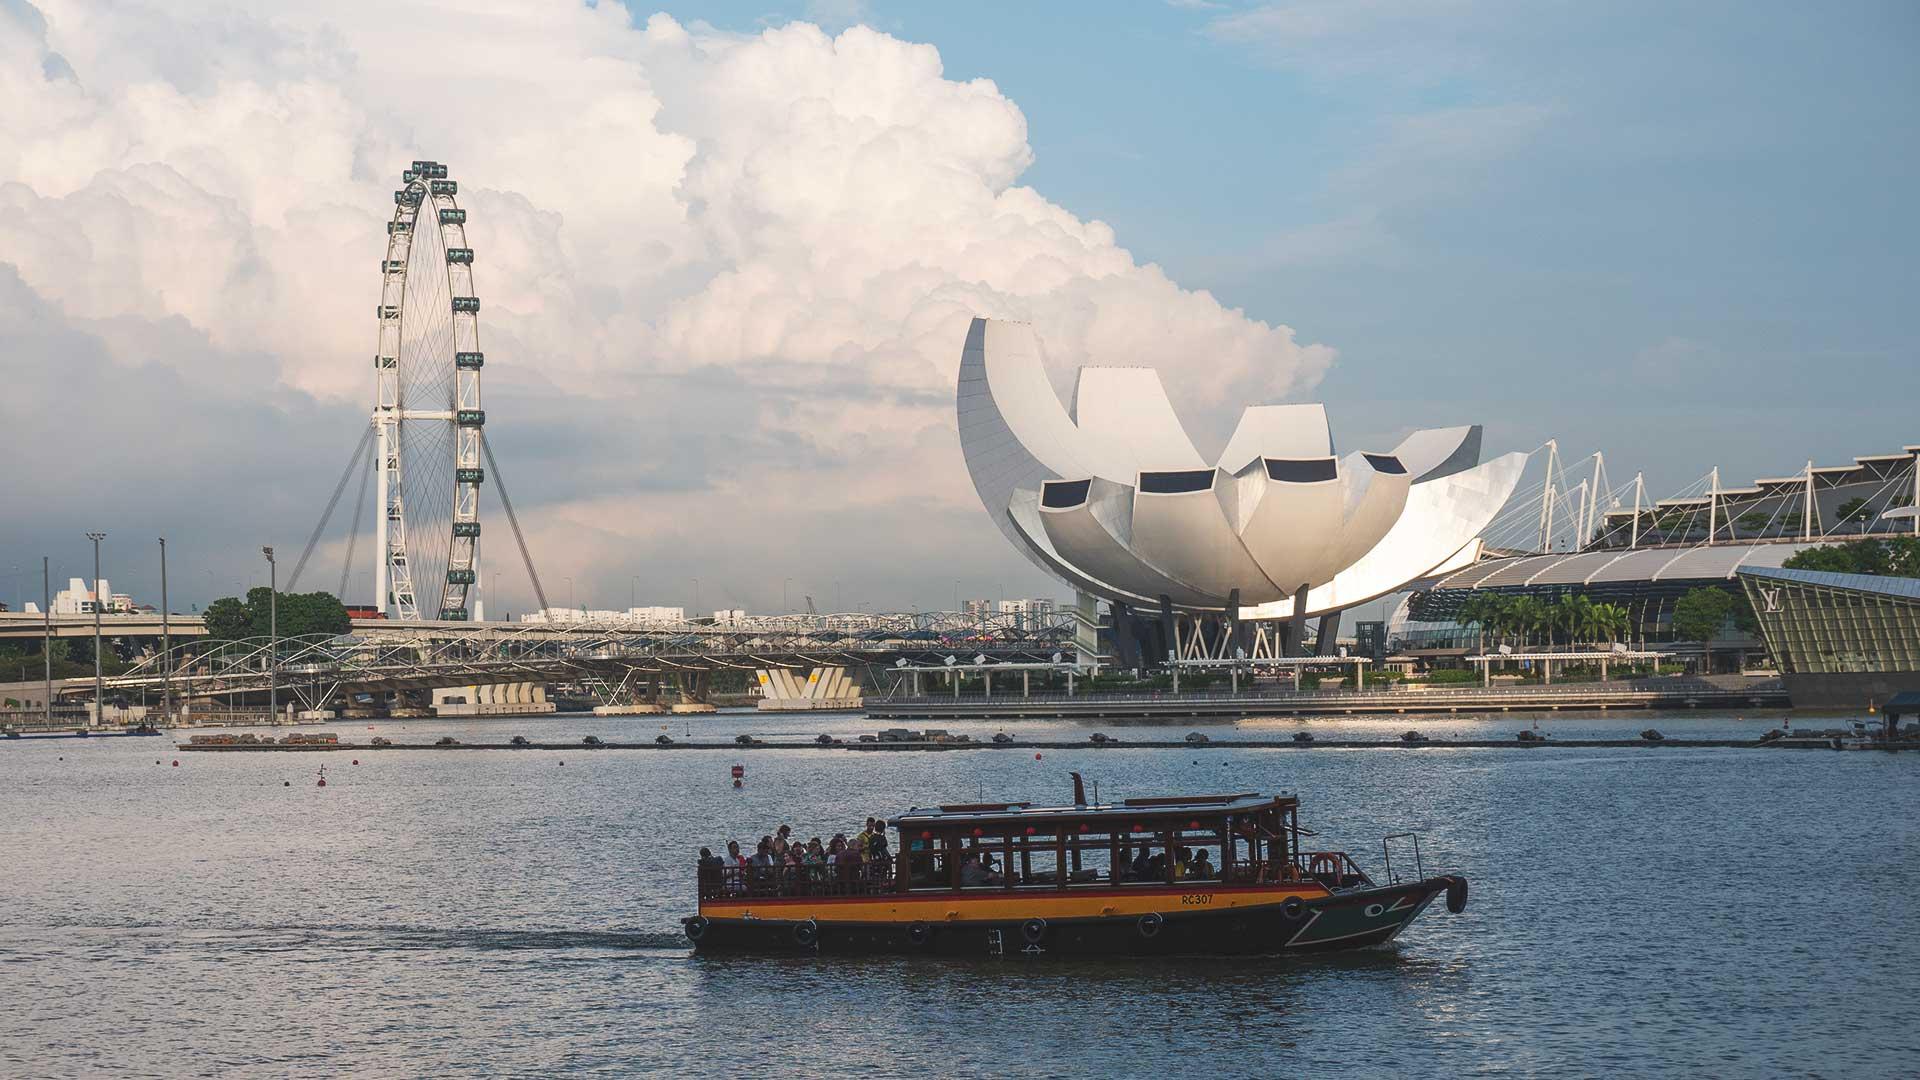 Singapur Sehenswürdigkeiten - unsere Highlights in der Metropole!